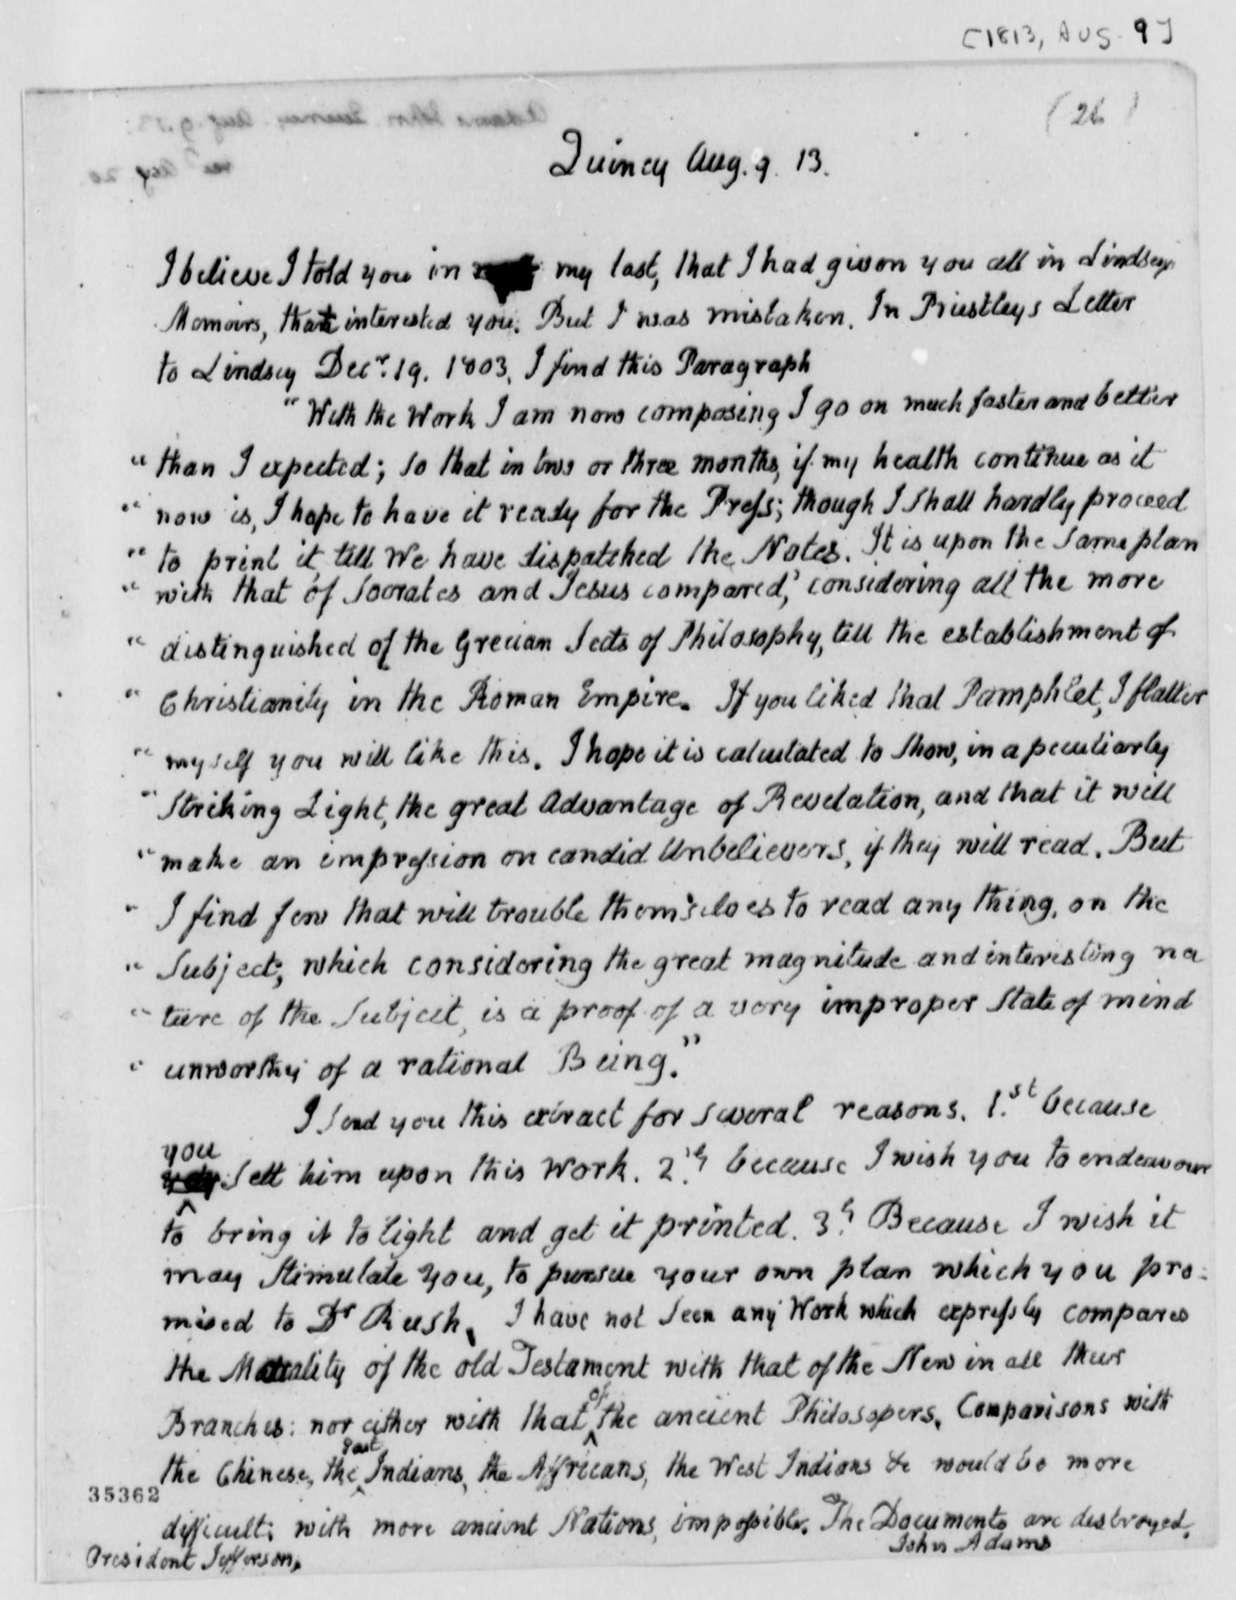 John Adams to Thomas Jefferson, August 9, 1813